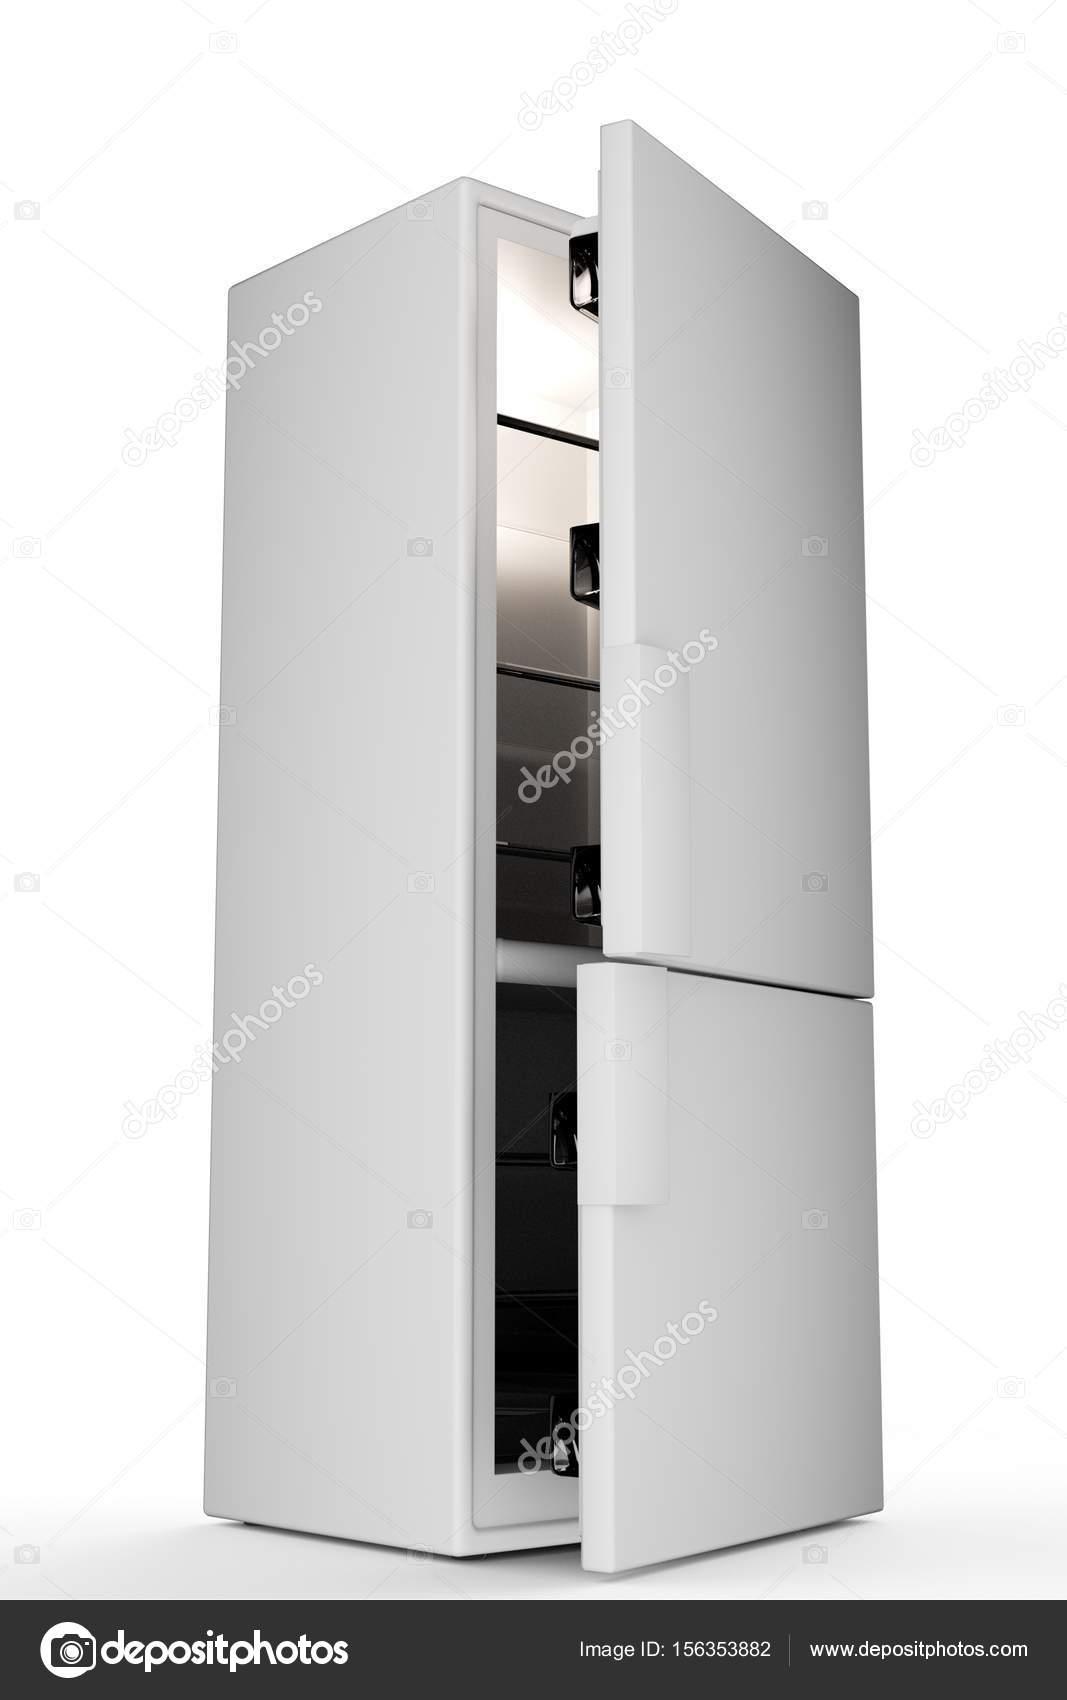 grosser Kühlschrank isoliert auf weiss — Stockfoto © r.vladimir.t ...